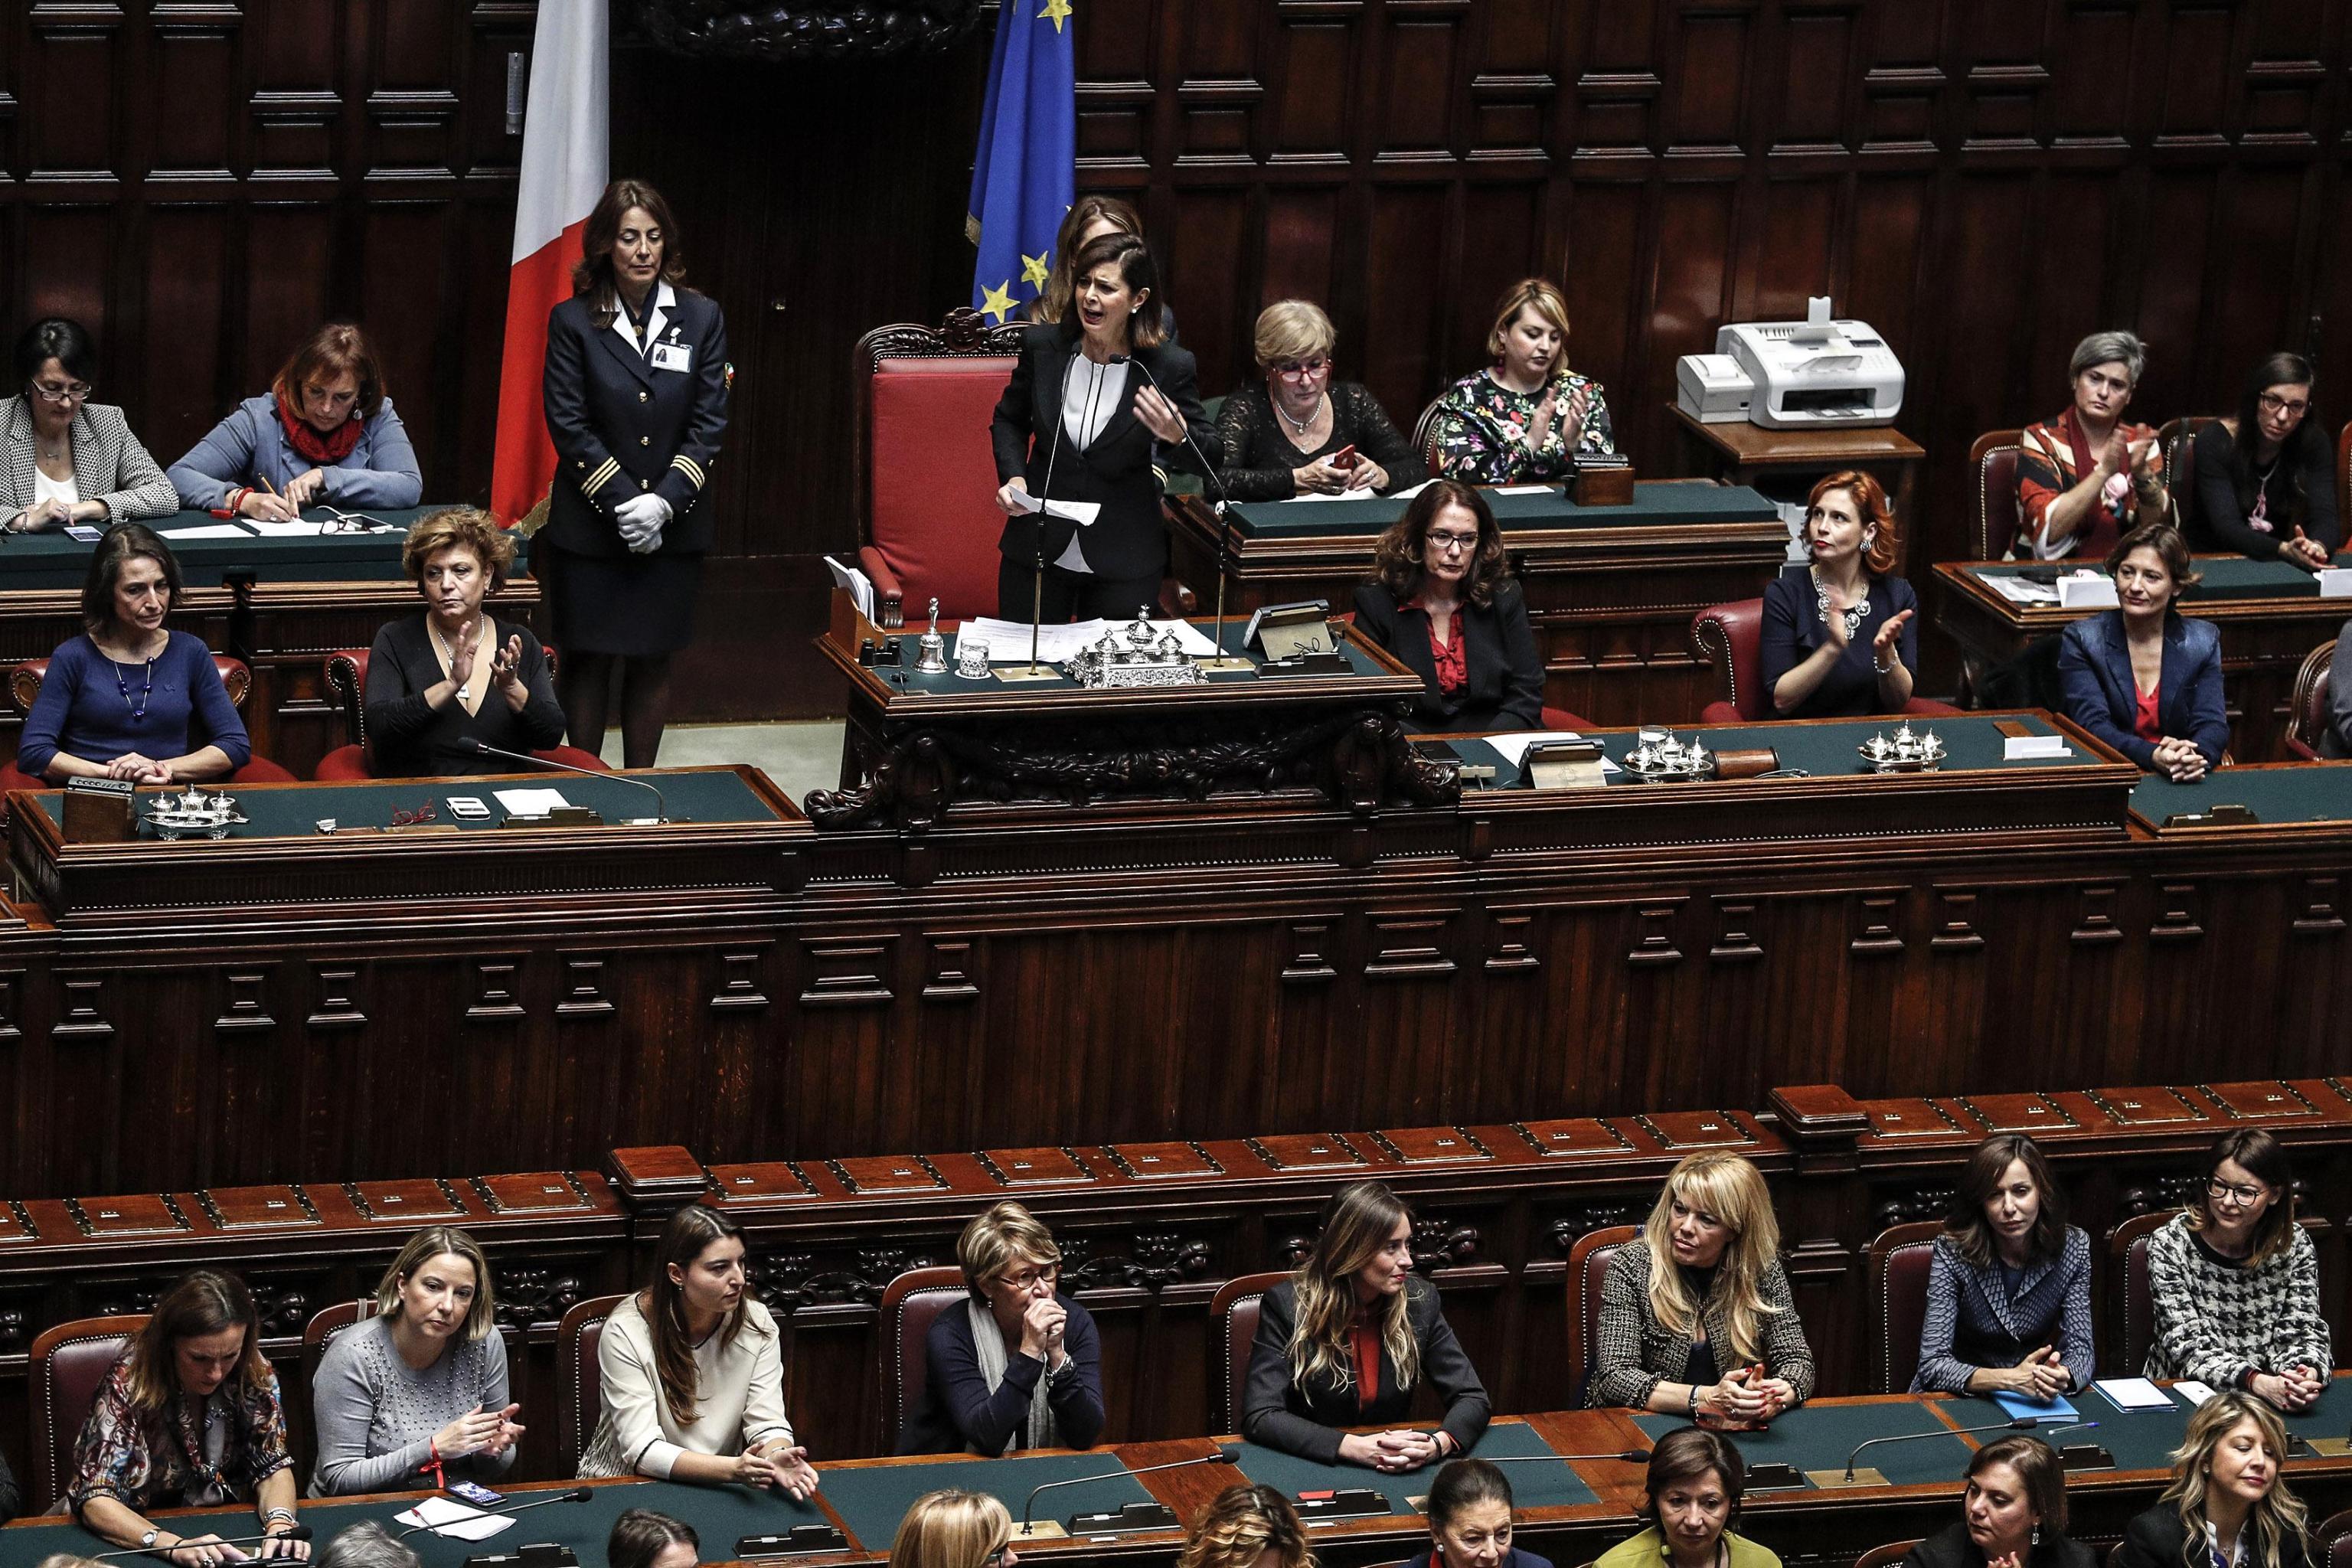 Elezioni: Feltrin,30% presenza femminile